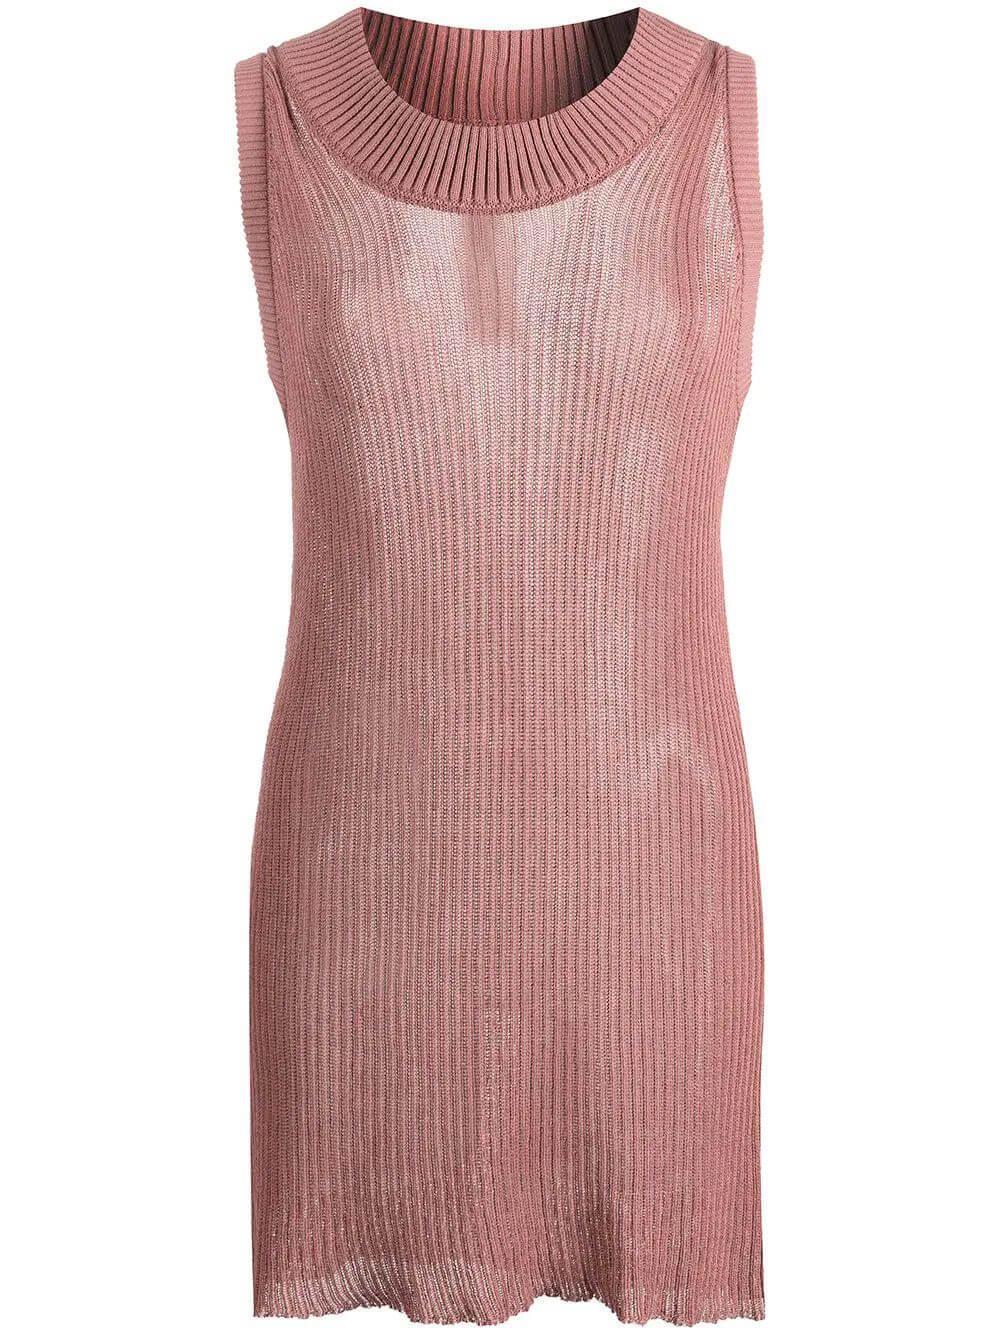 Long Sleeveless Knit Tank Item # RO21S3609